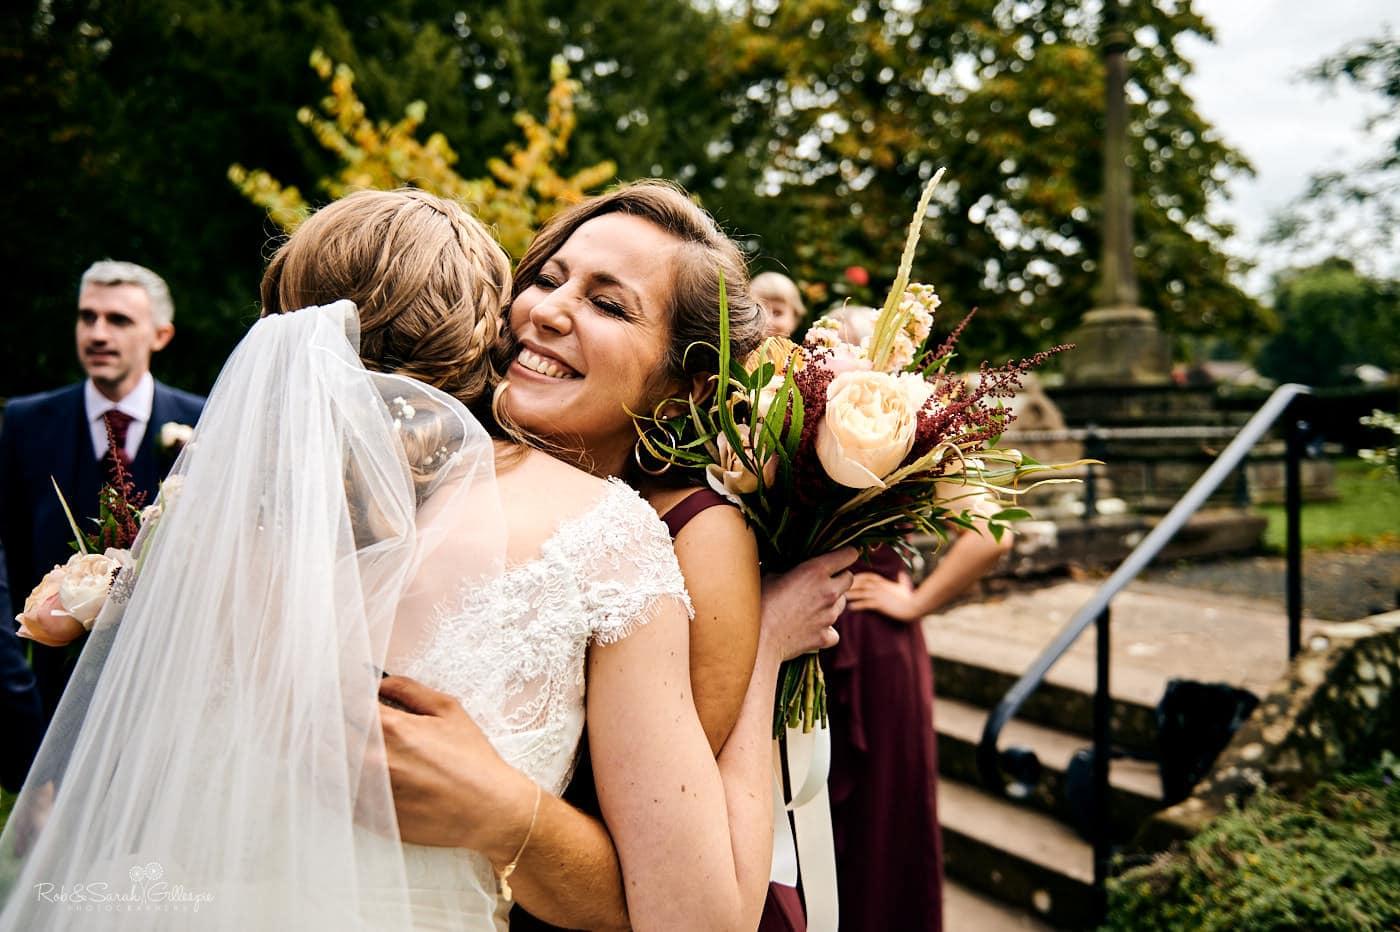 Wedding guests hug bride after wedding ceremony